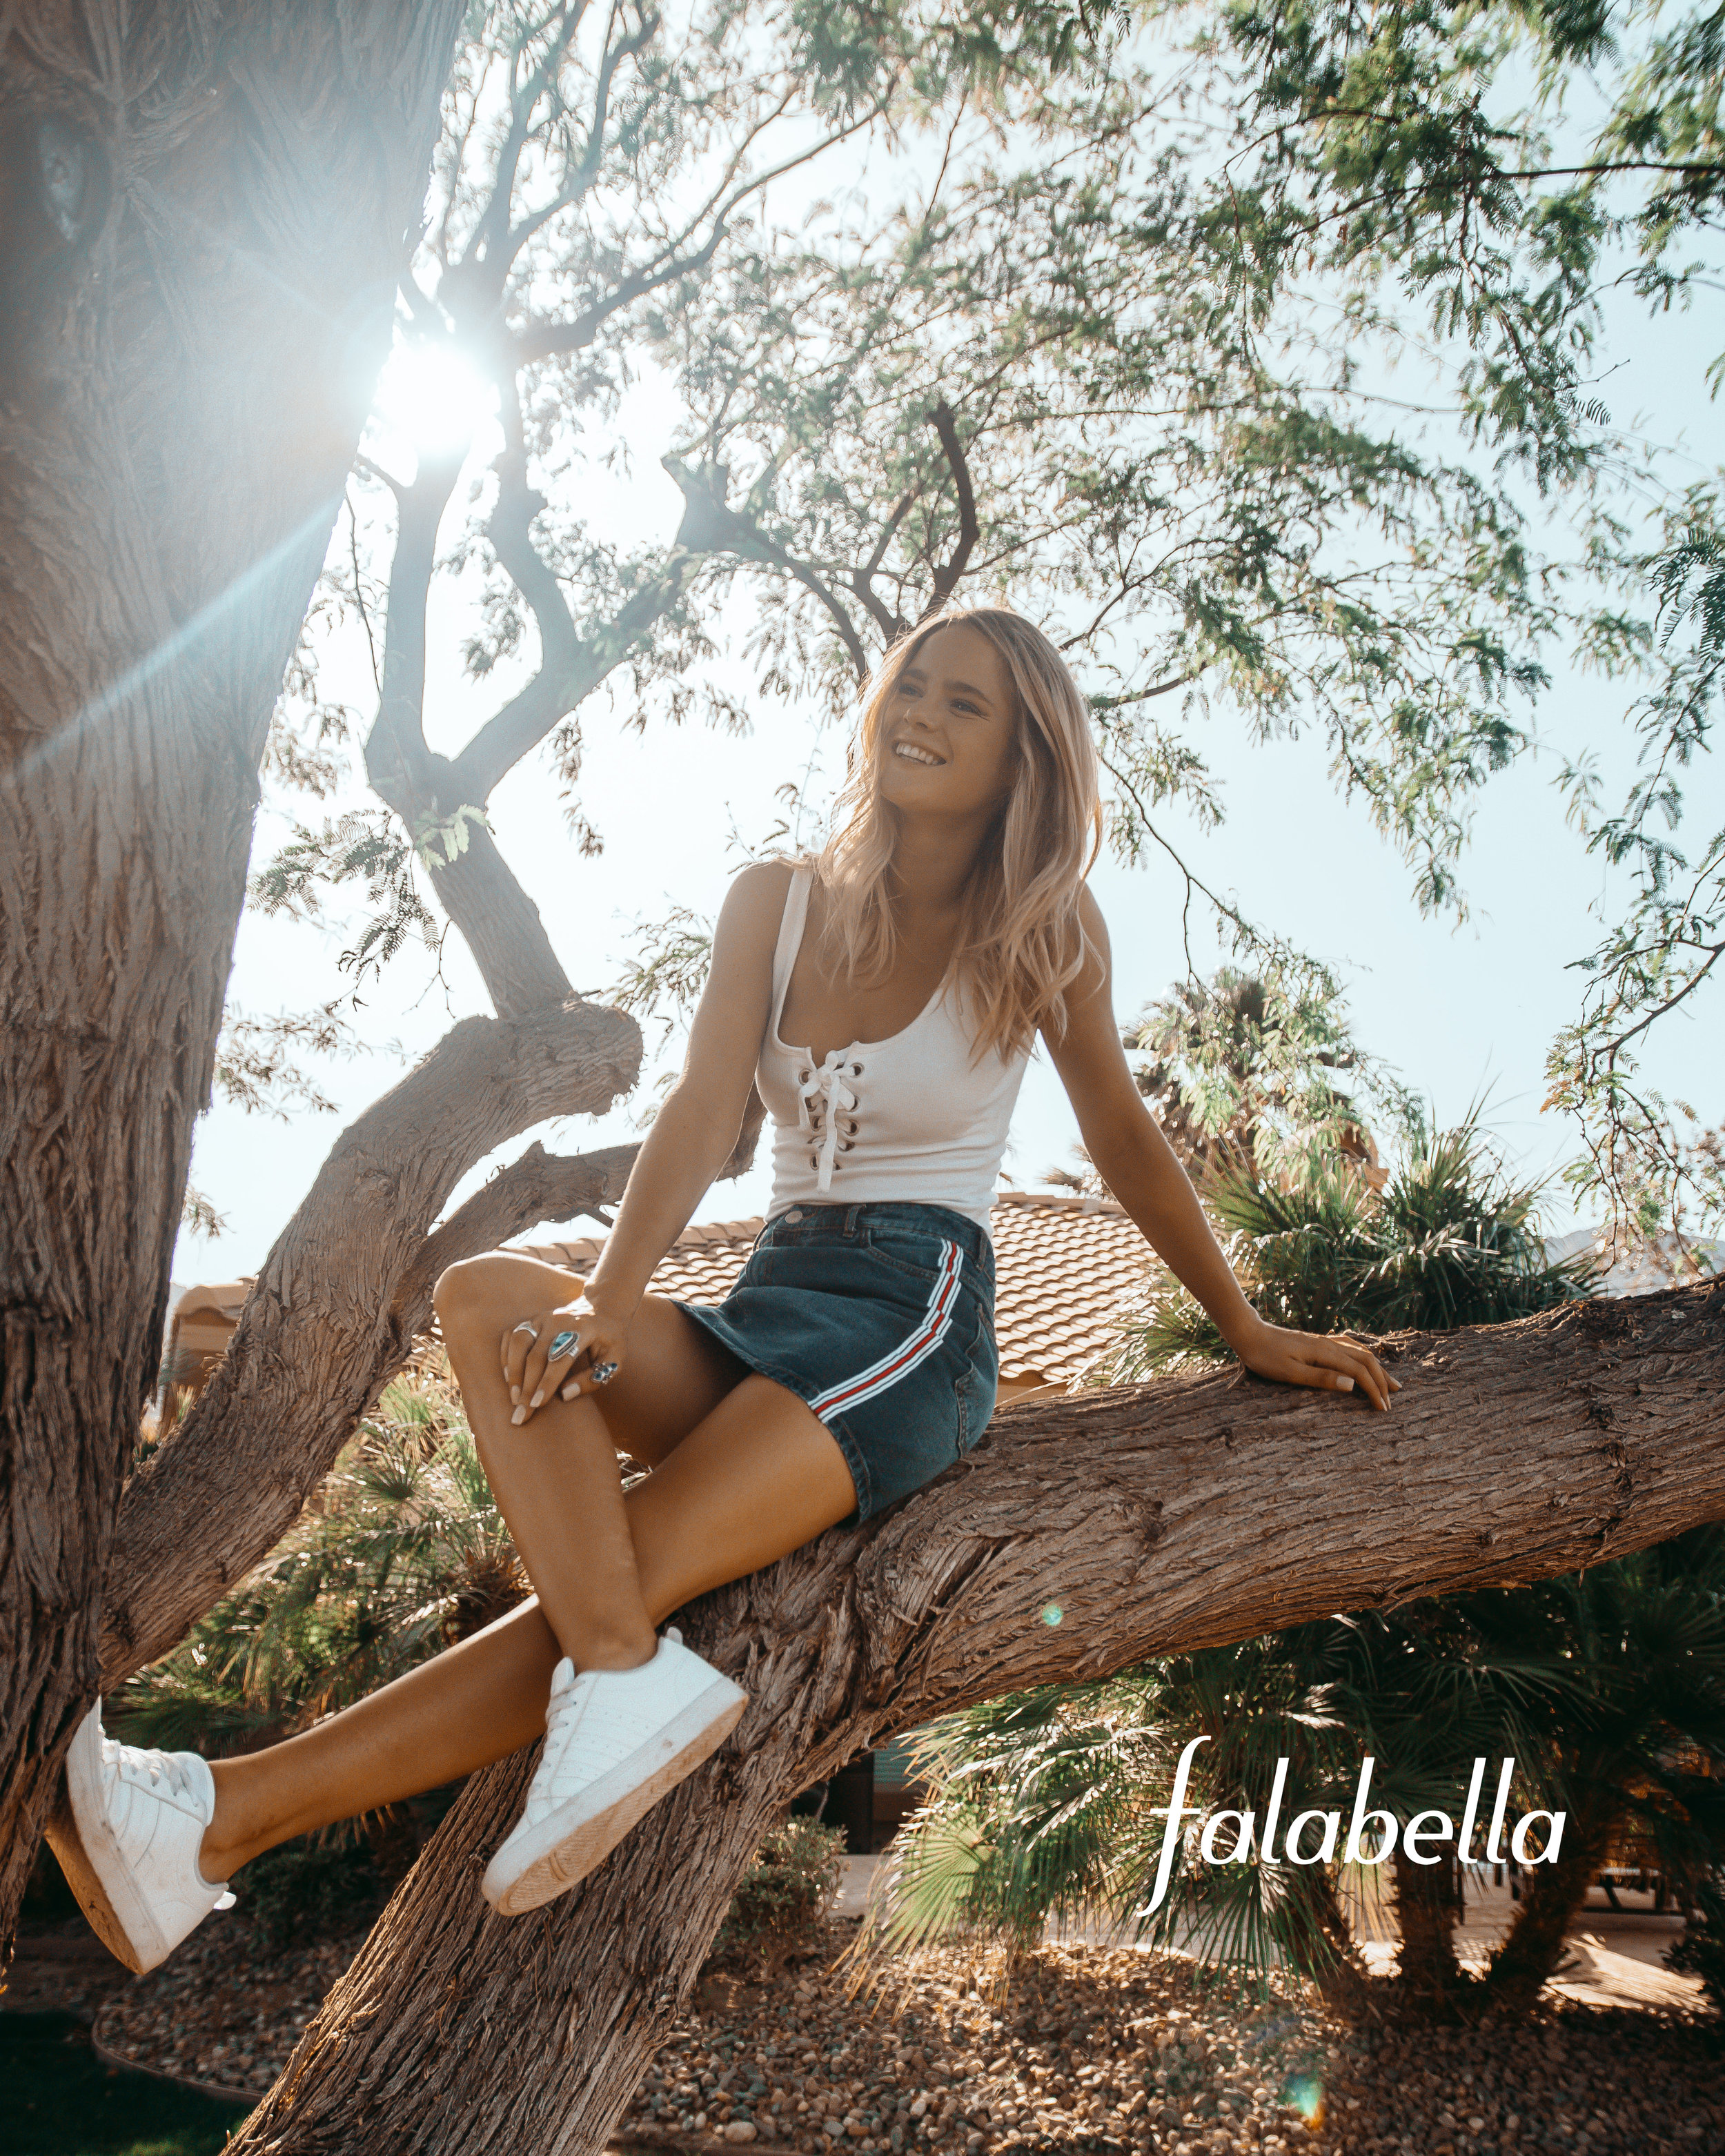 project_fallabella_2.jpg